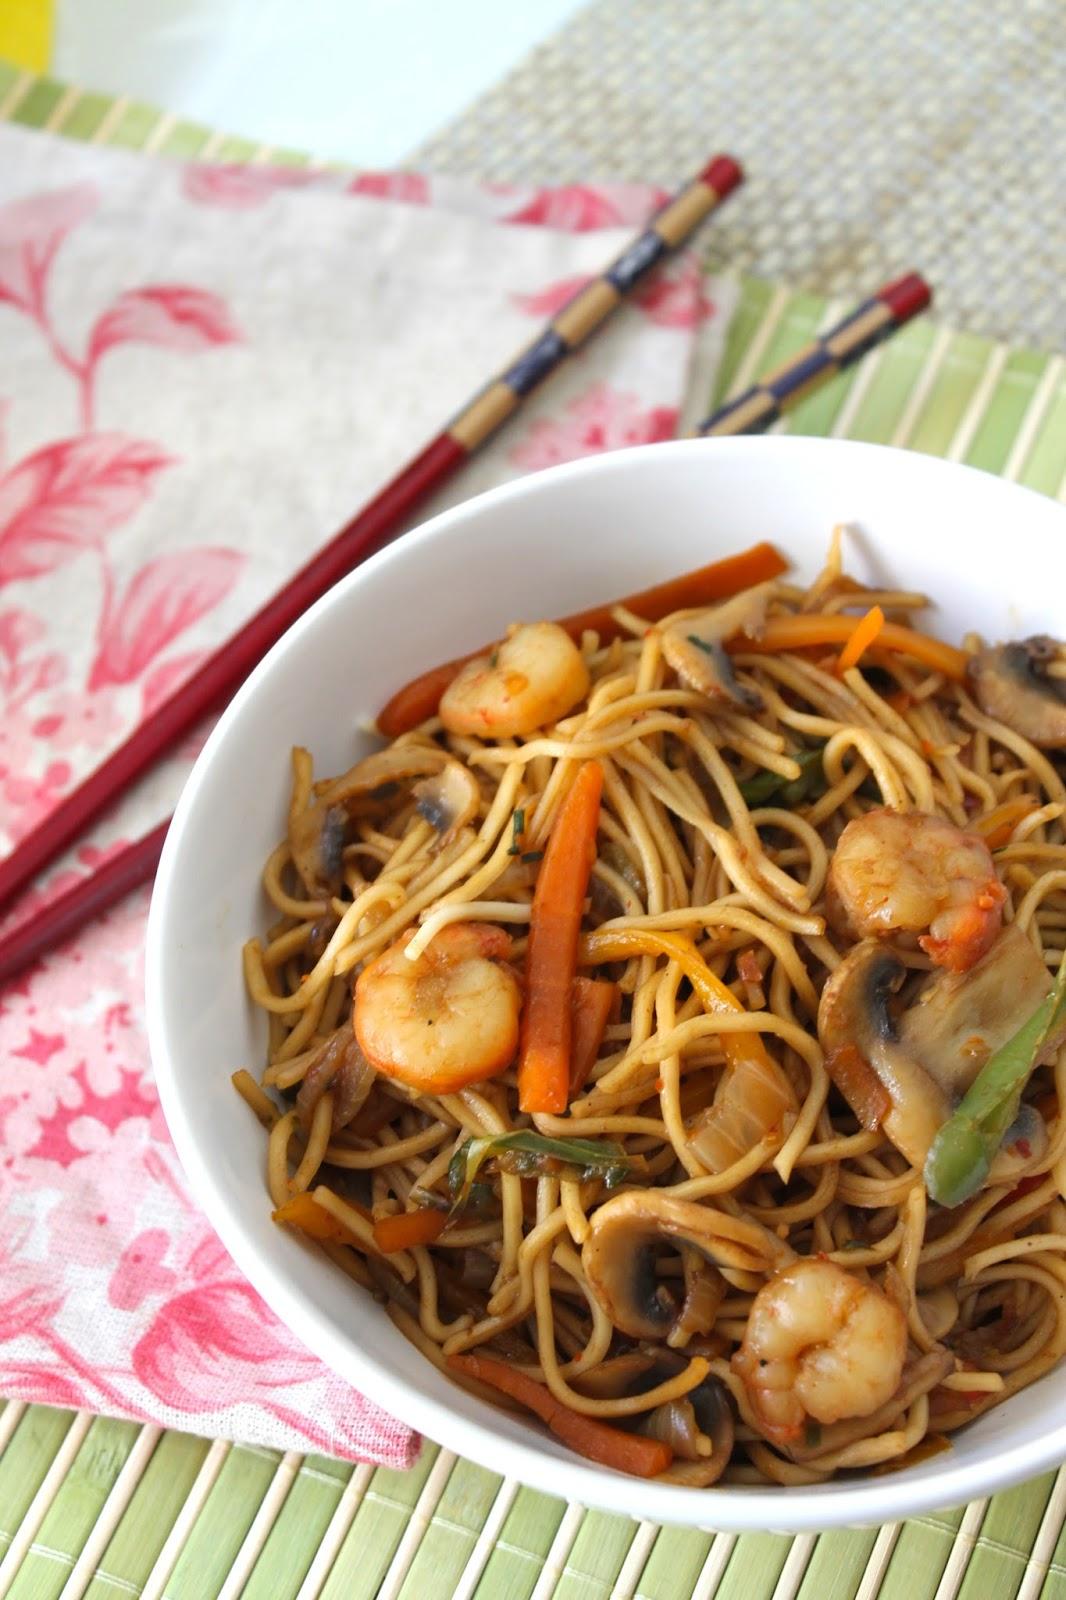 Orielo 39 s kitchen recetas sin lactosa cocina con for Cocinar wok en casa